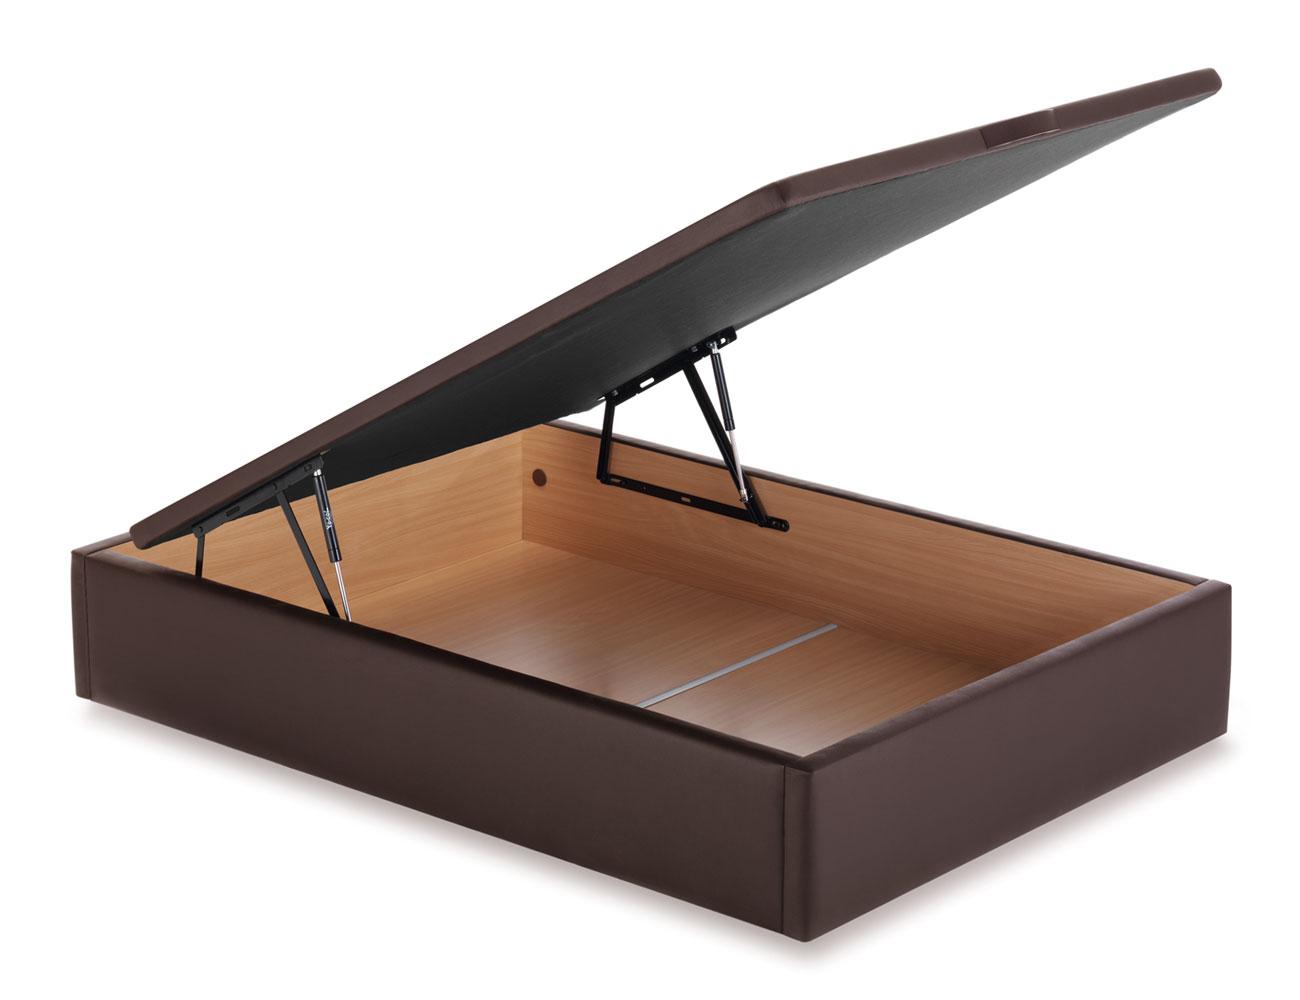 Canape polipiel luz posicion desmontado abierto